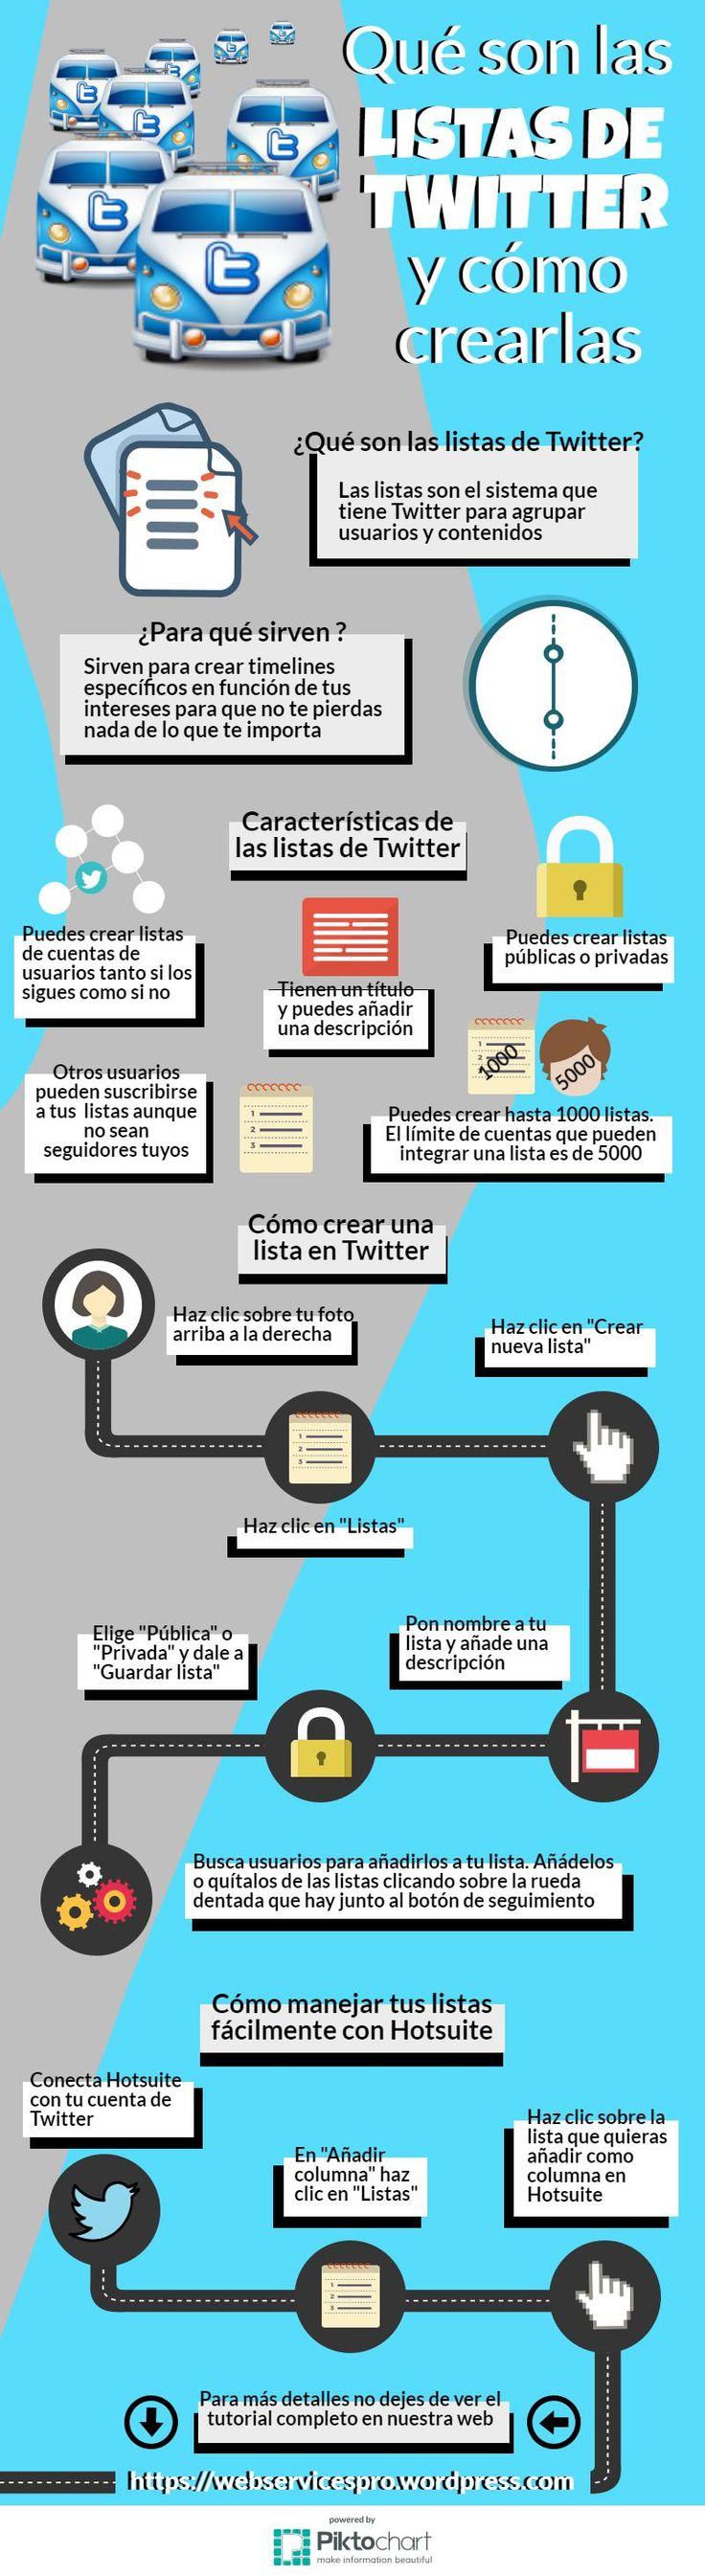 Hola: Una infografía sobre lasListas de Twitter: todo lo que debes de saber. Vía Un saludo